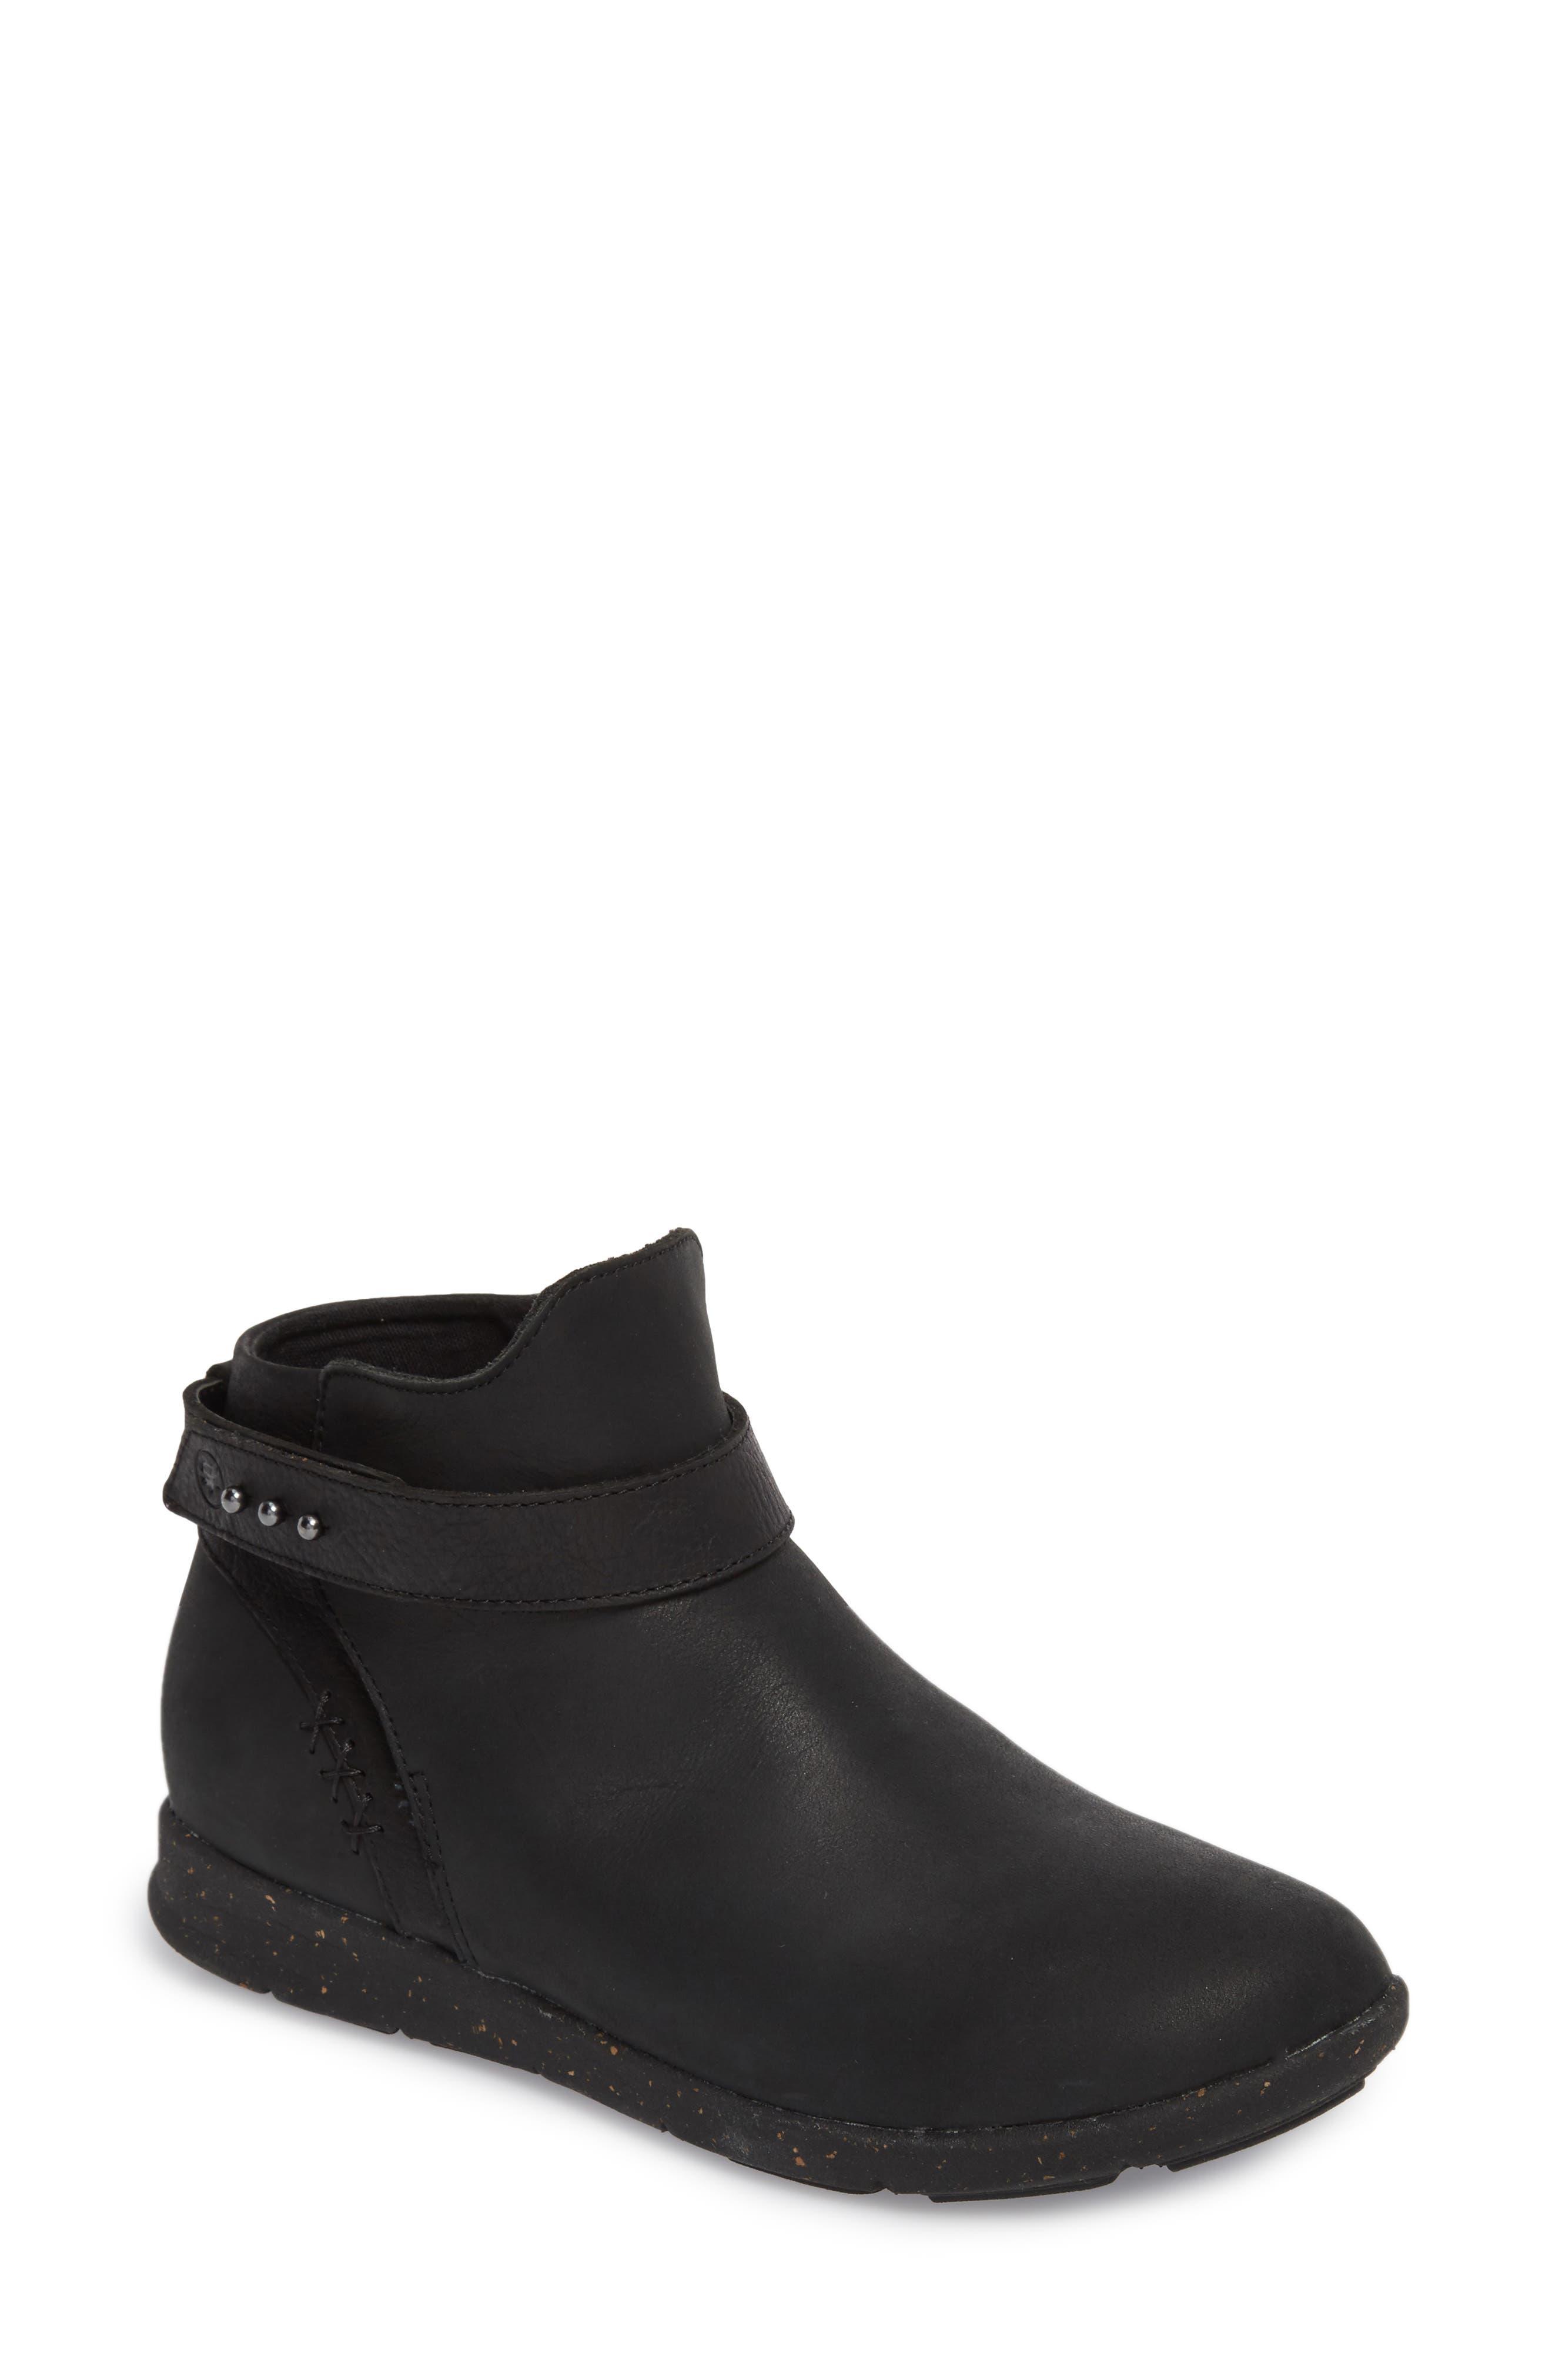 Ash Bootie,                         Main,                         color, Black Leather